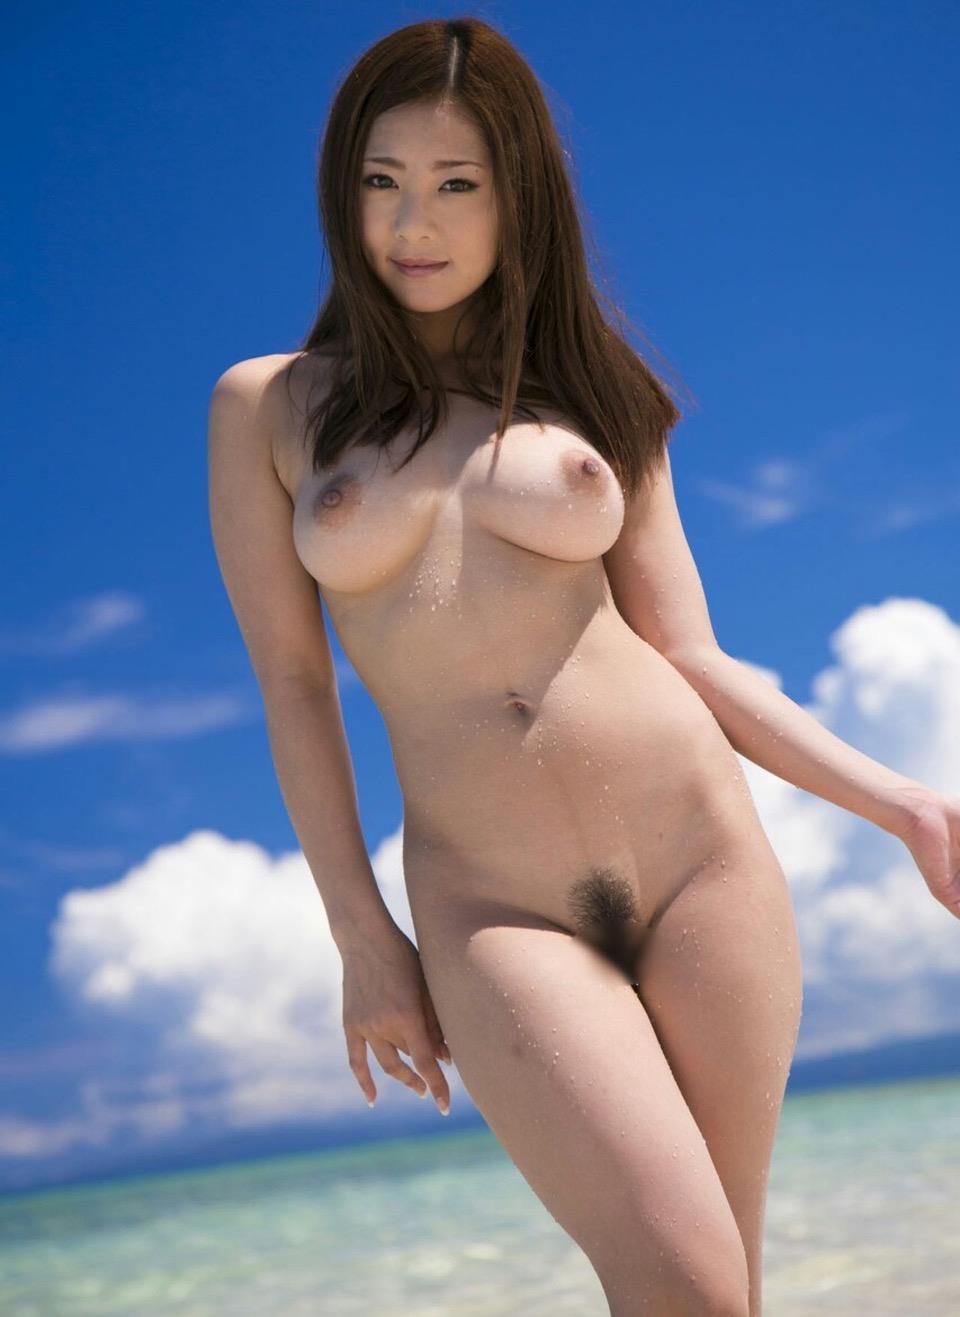 美しい乳房だね (17)